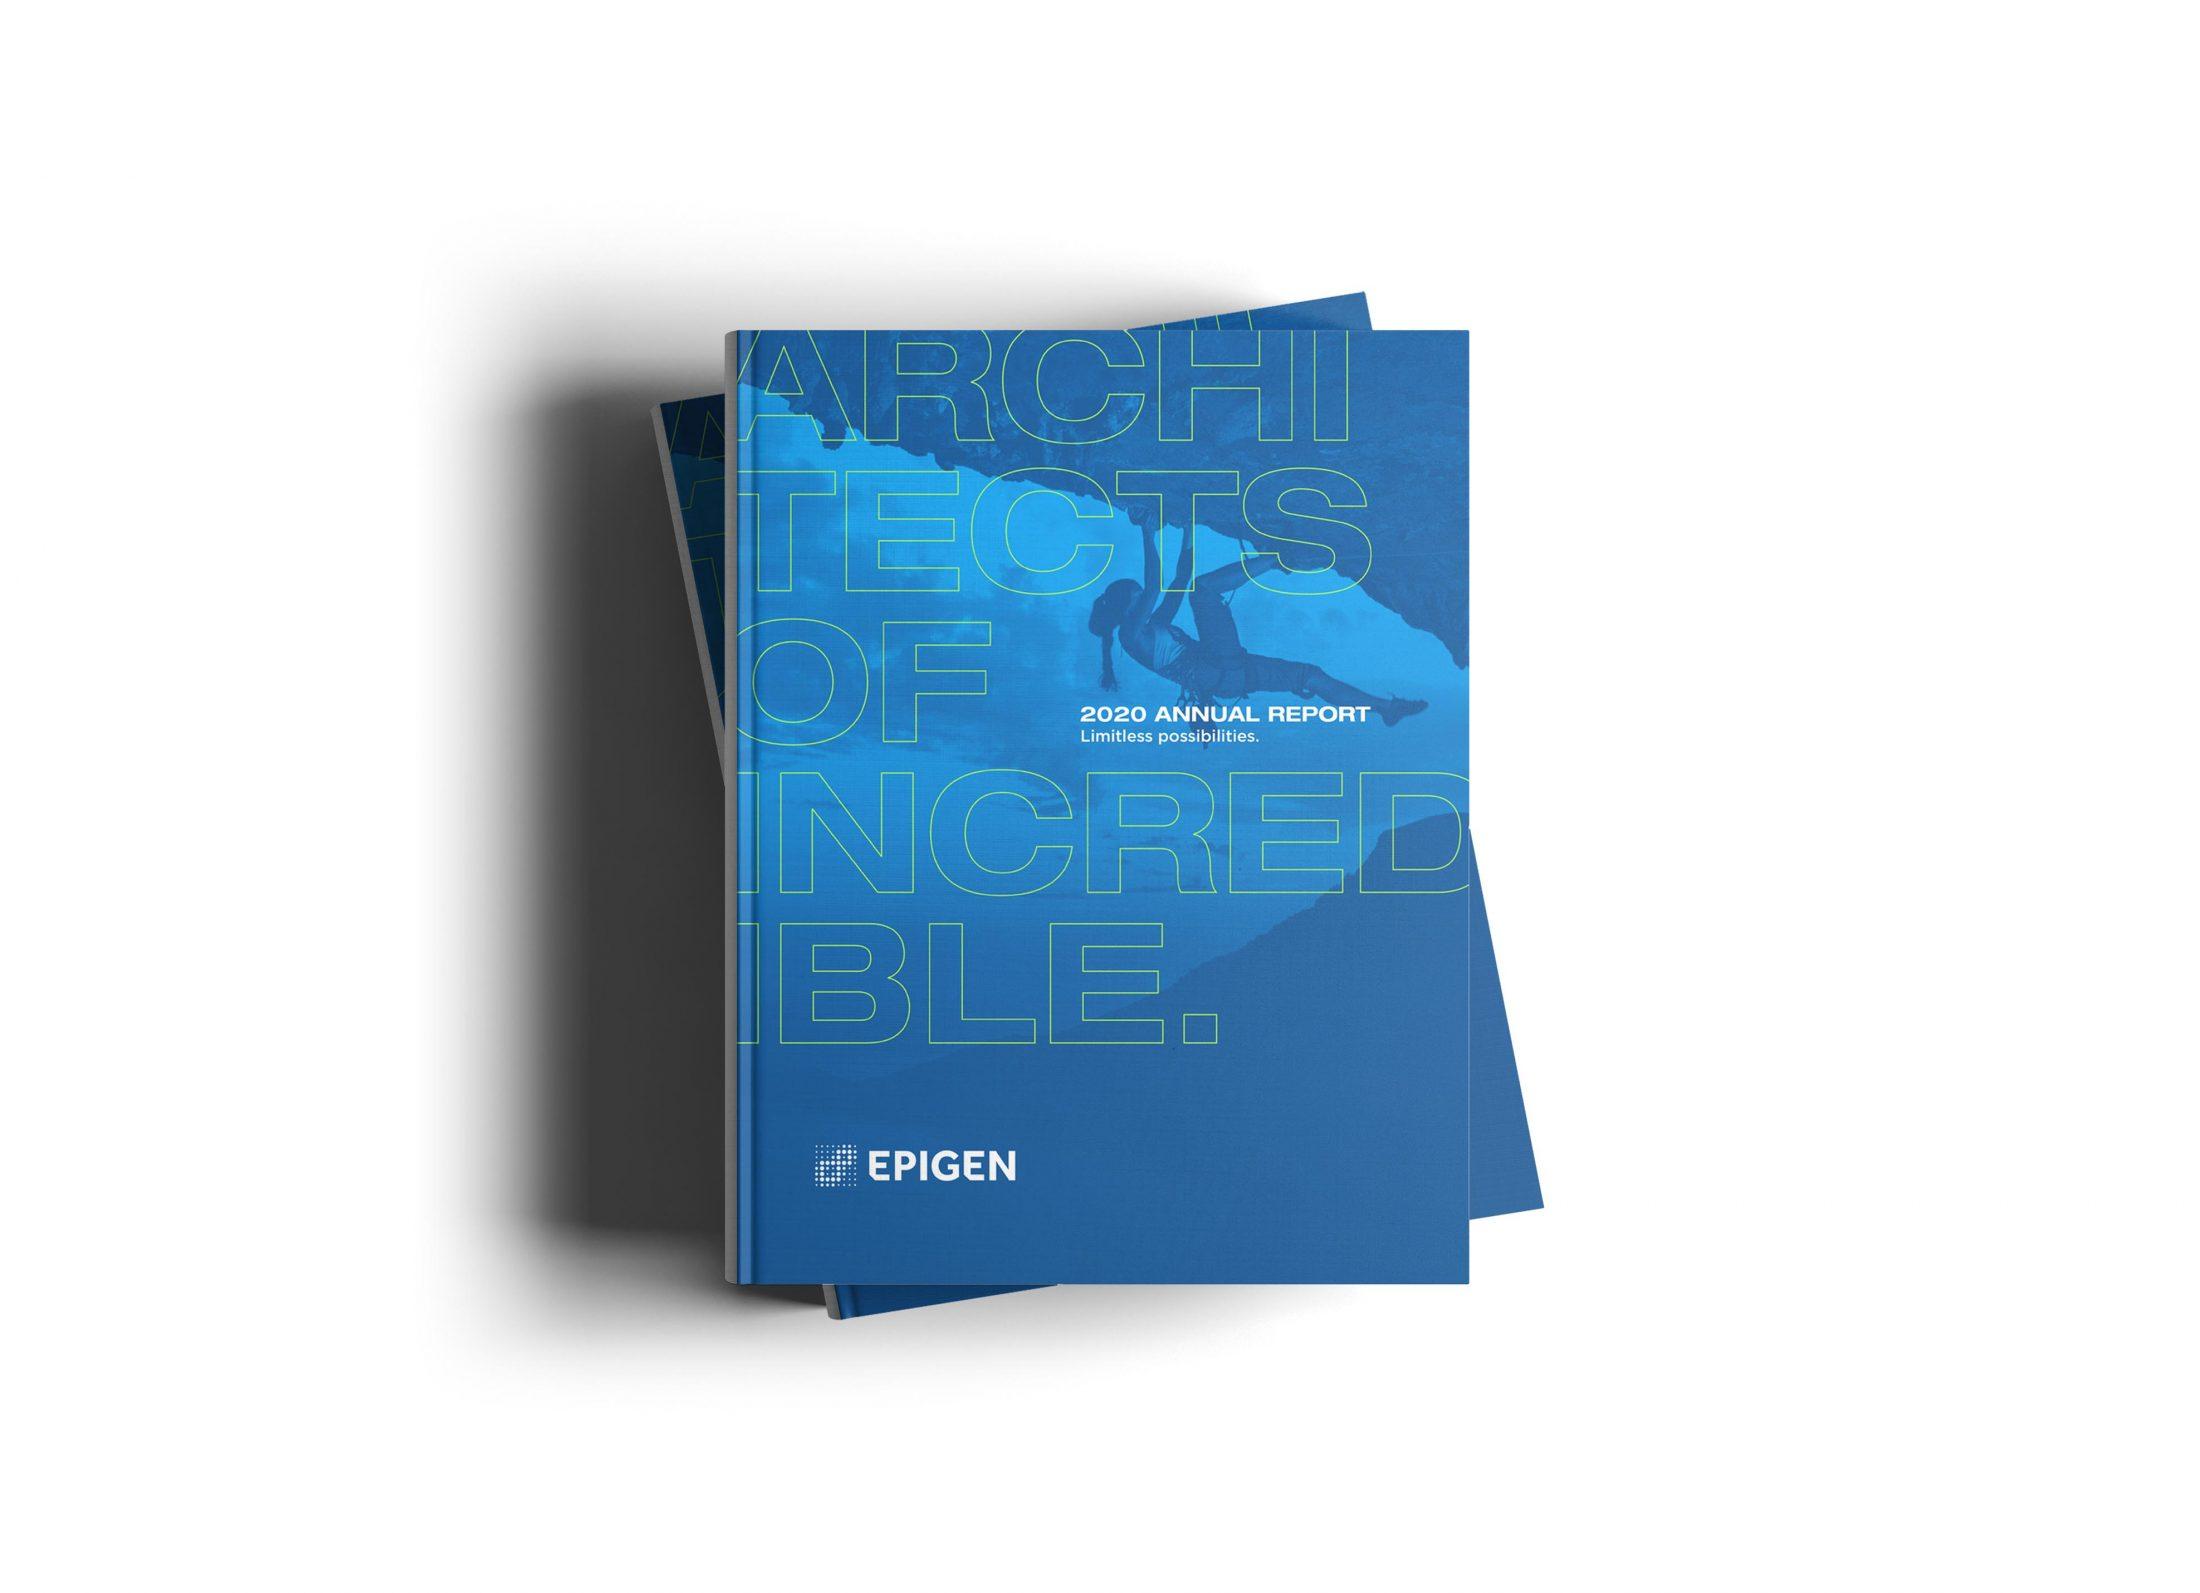 Epigen book